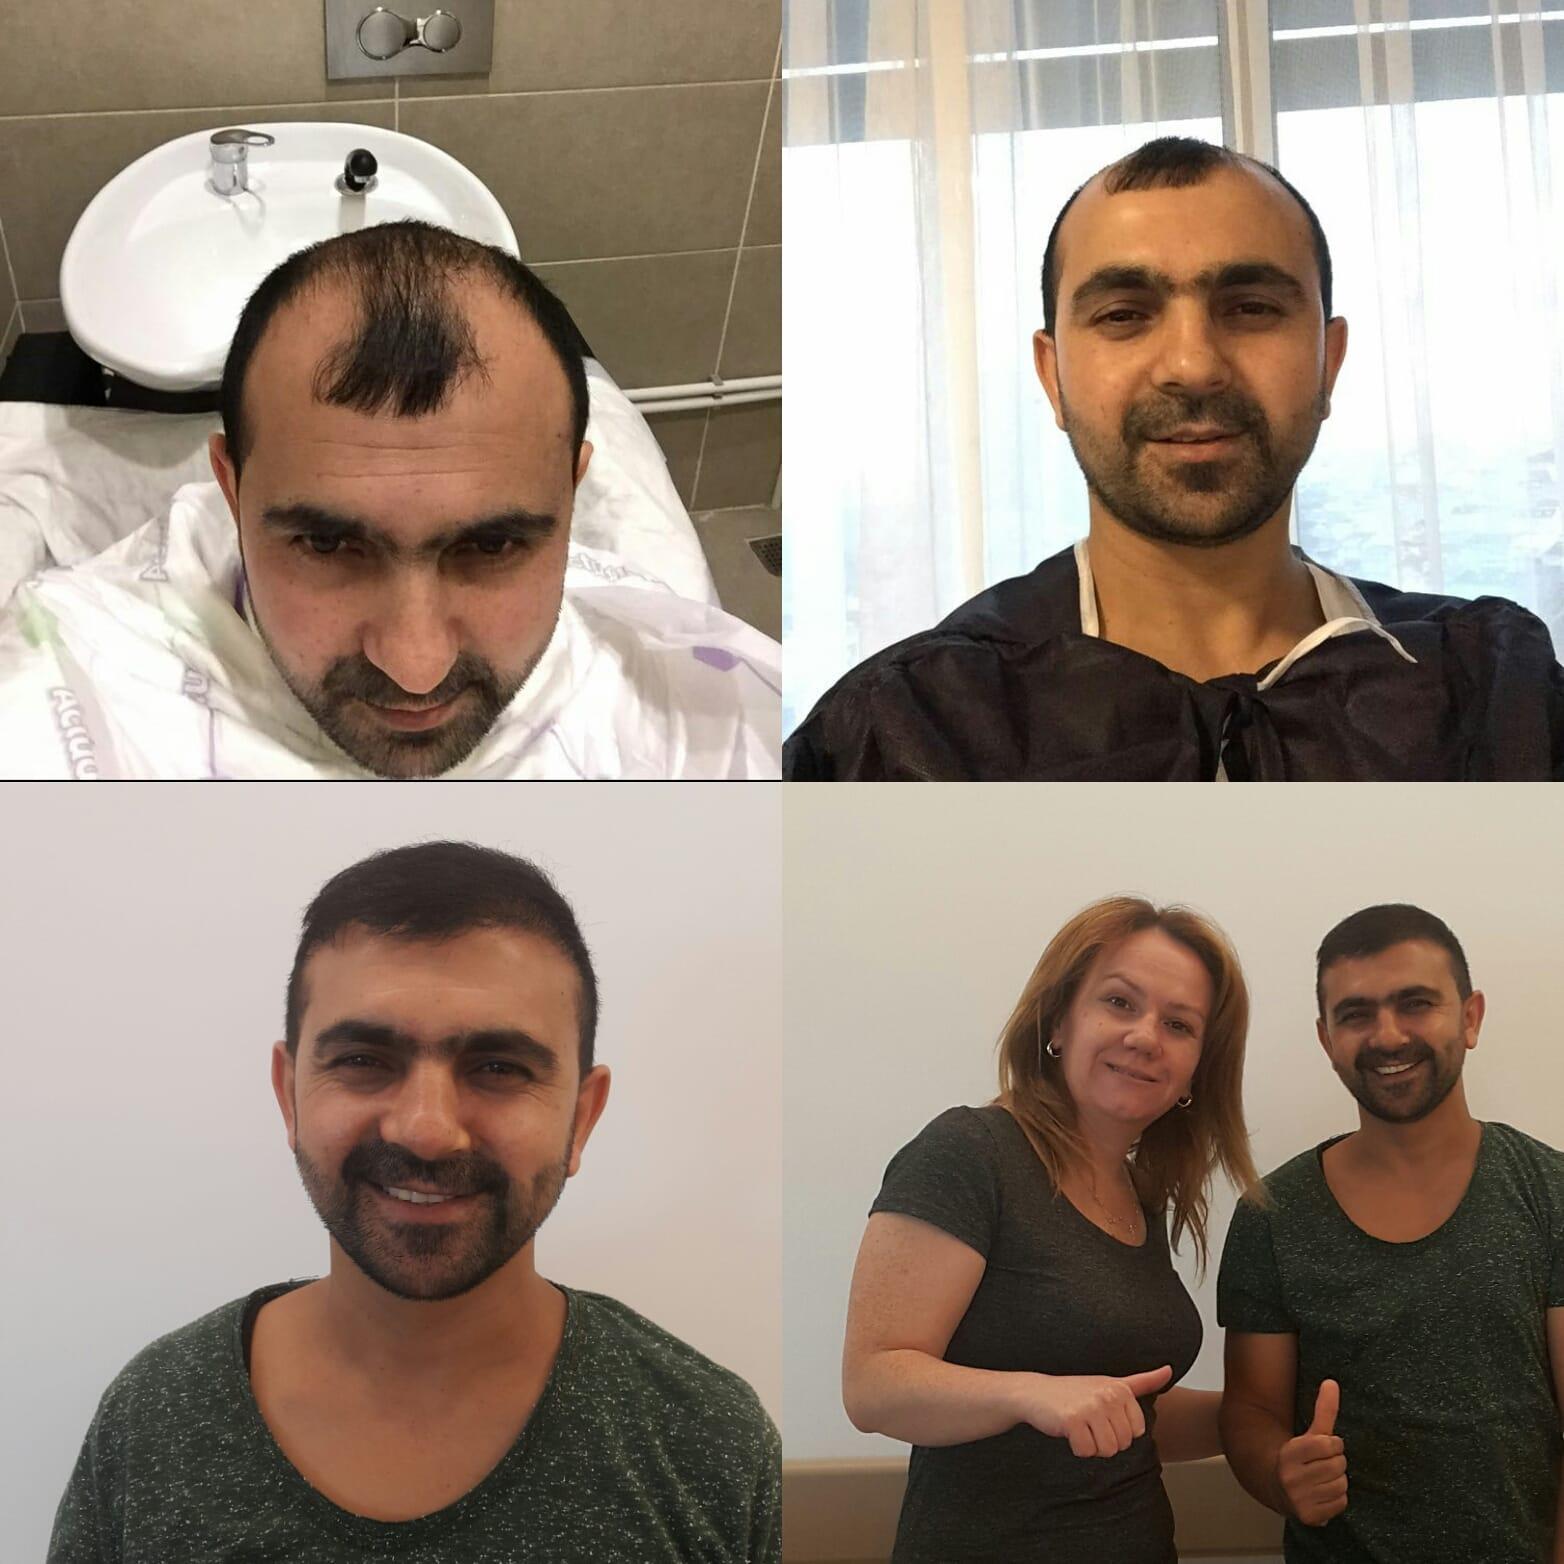 Die Fortschrittlichste Methode Der Haartransplantation Für Frauen - F. U. E. 3 - Bank Of Hair